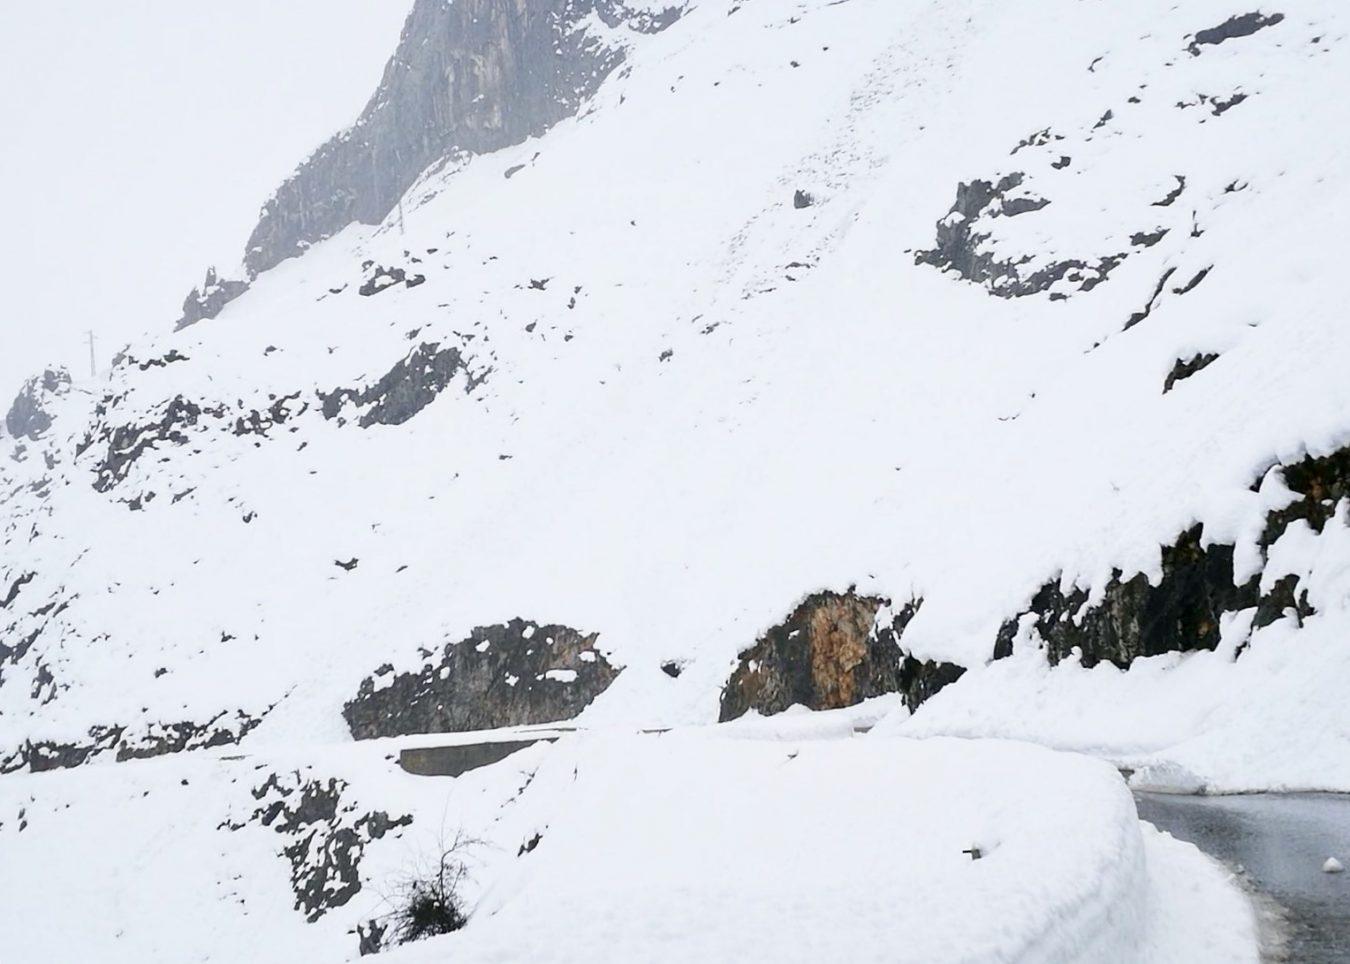 El próximo lunes, 9 de marzo, comienza la instalación de las viseras antialudes en la carretera de Sotres